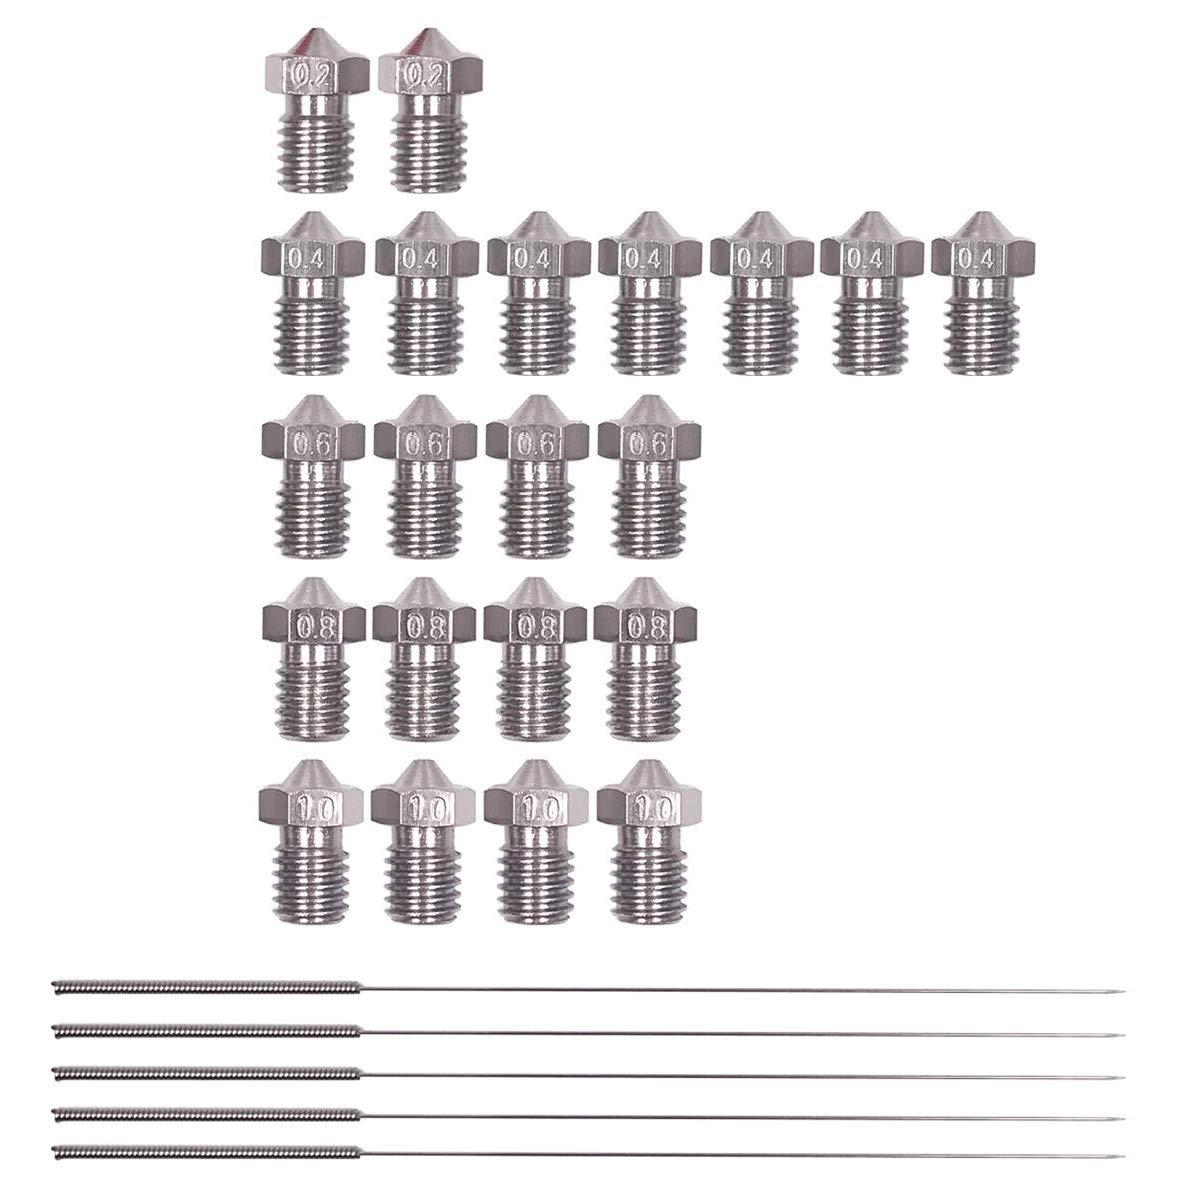 RETYLY 26 Piezas Boquillas de Impresora 3D de Acero Inoxidable ...